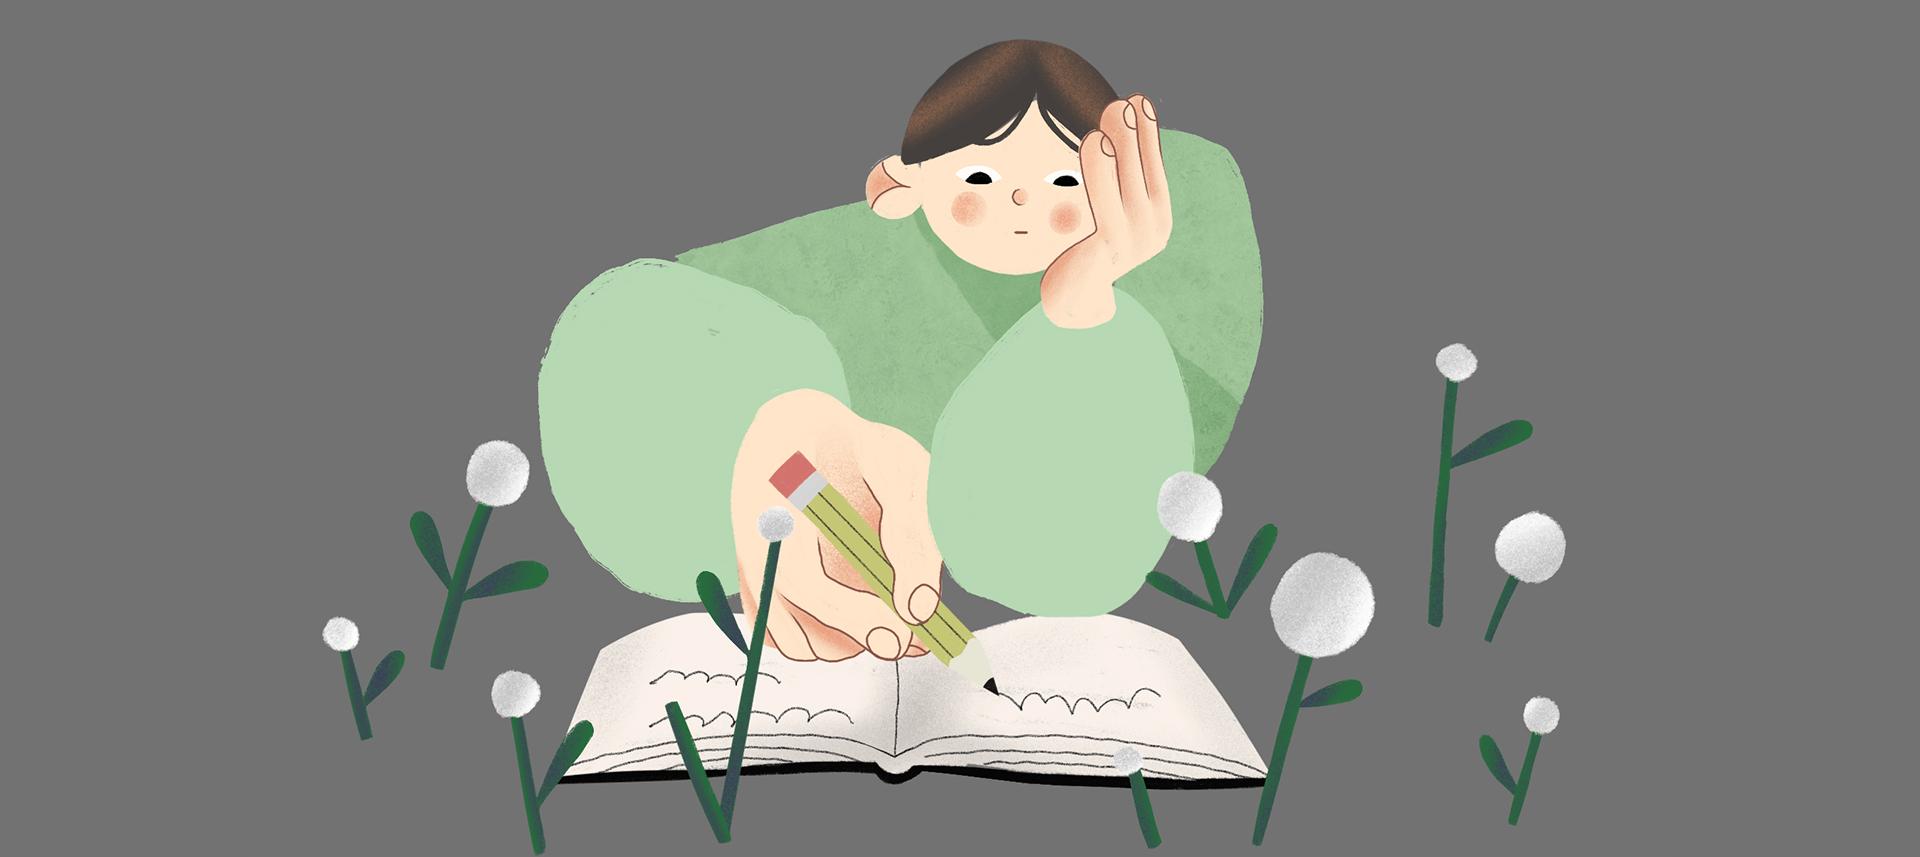 «Респект маме зашикарный нос»: дети иродители заполняют анкеты назнание друг друга